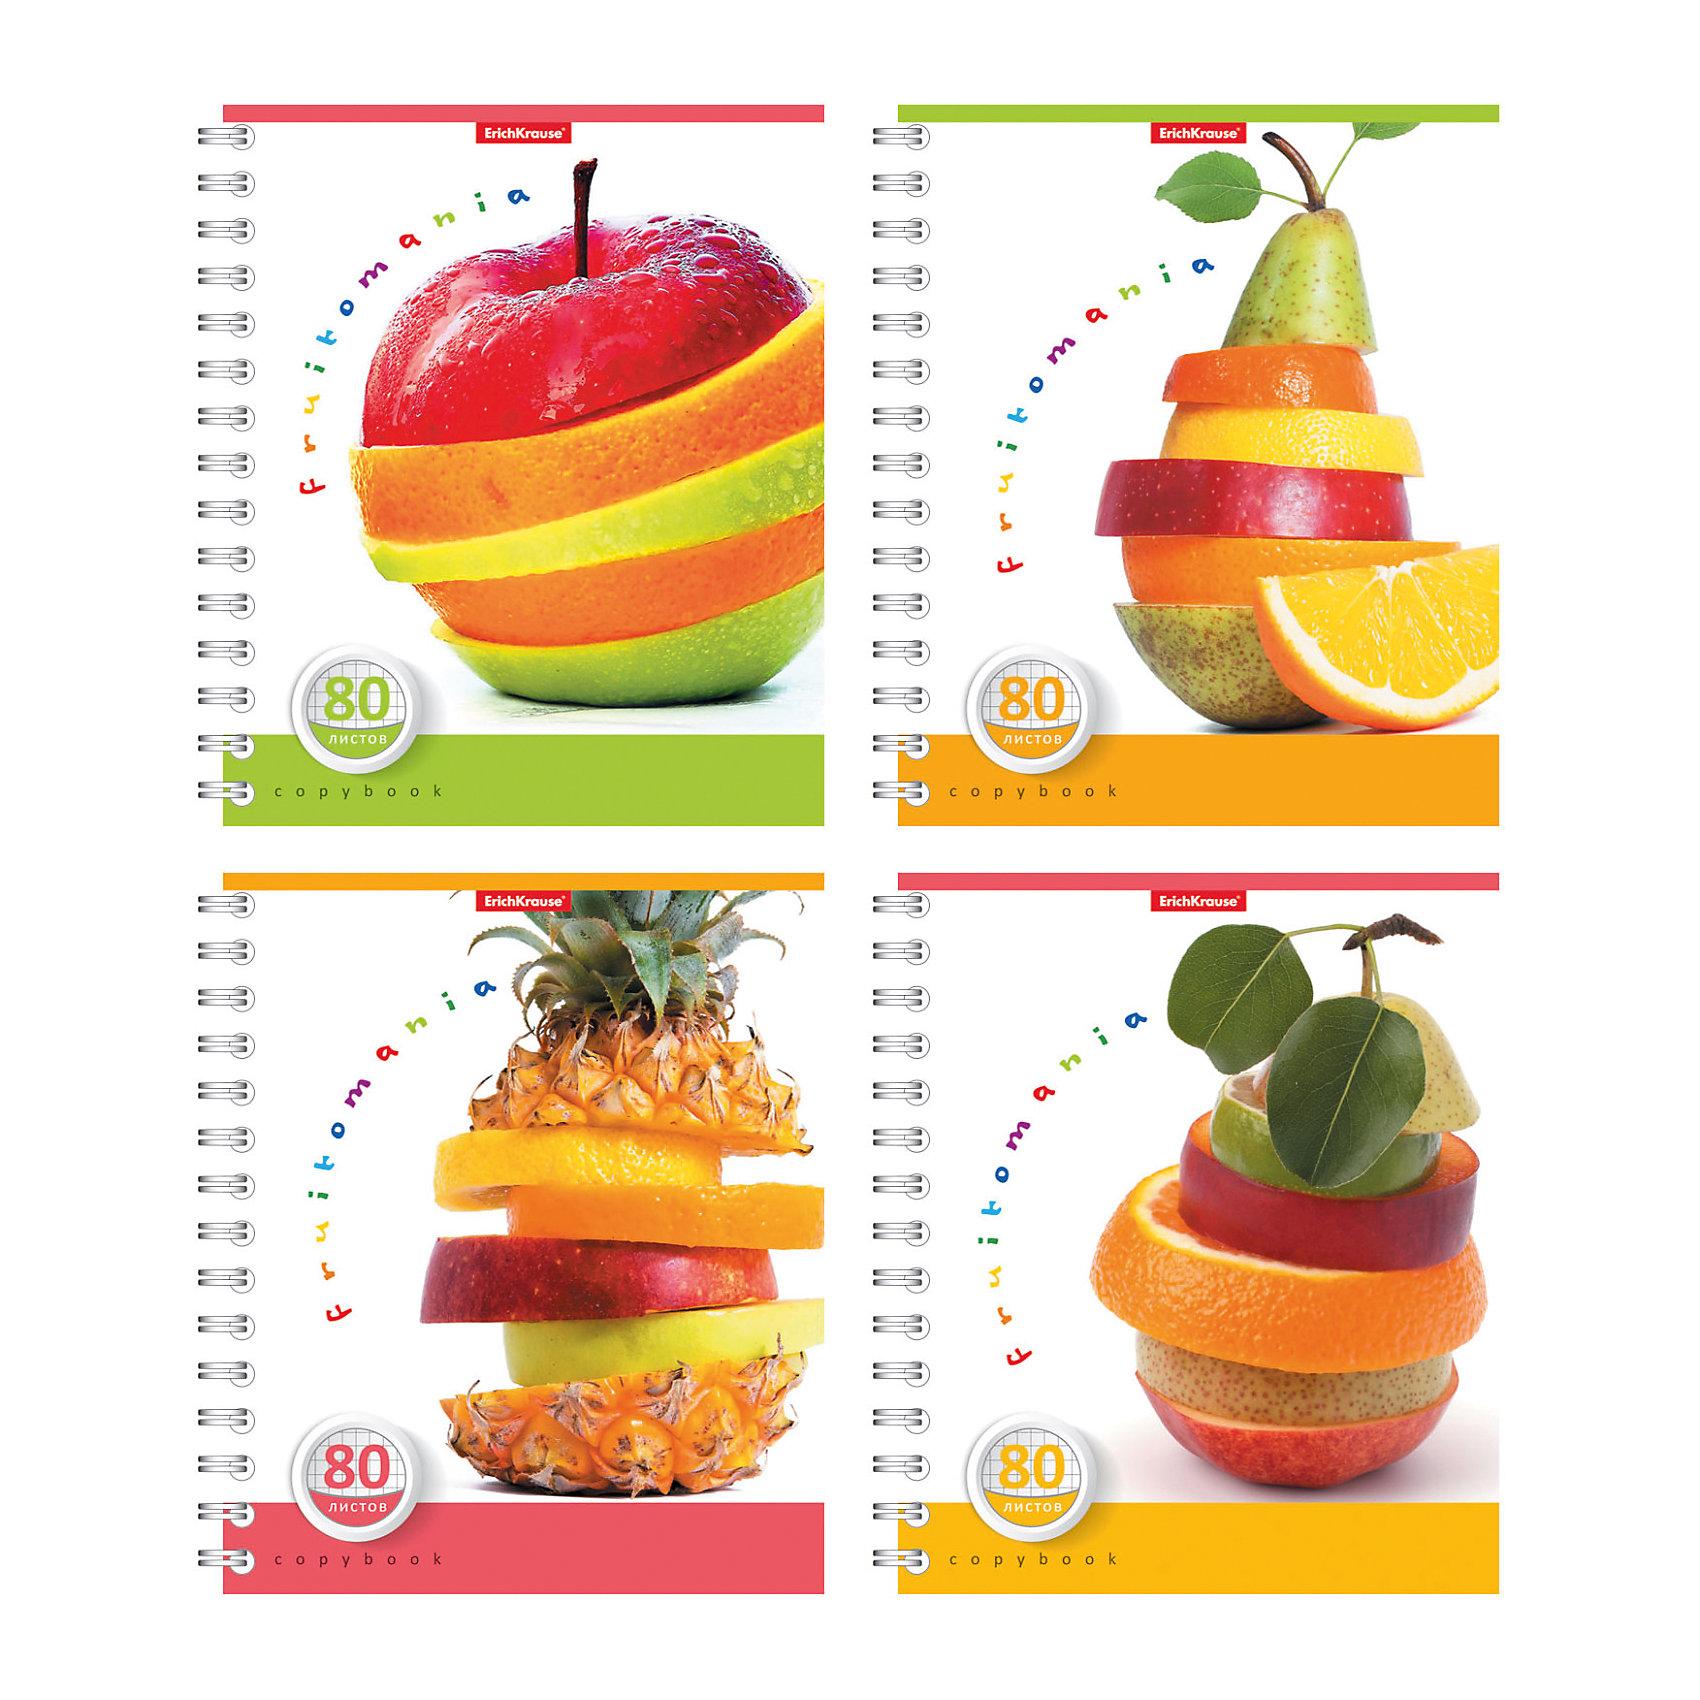 Тетрадь на спирали, 80 листов Fruitomania, УФ-лак, упаковка из 4 шт.Бумажная продукция<br>Тетрадь на спирали,80 листов Fruitomania, УФ-лак, упаковка из 4 шт.<br><br>Ширина мм: 175<br>Глубина мм: 120<br>Высота мм: 205<br>Вес г: 713<br>Возраст от месяцев: 60<br>Возраст до месяцев: 204<br>Пол: Унисекс<br>Возраст: Детский<br>SKU: 5540122